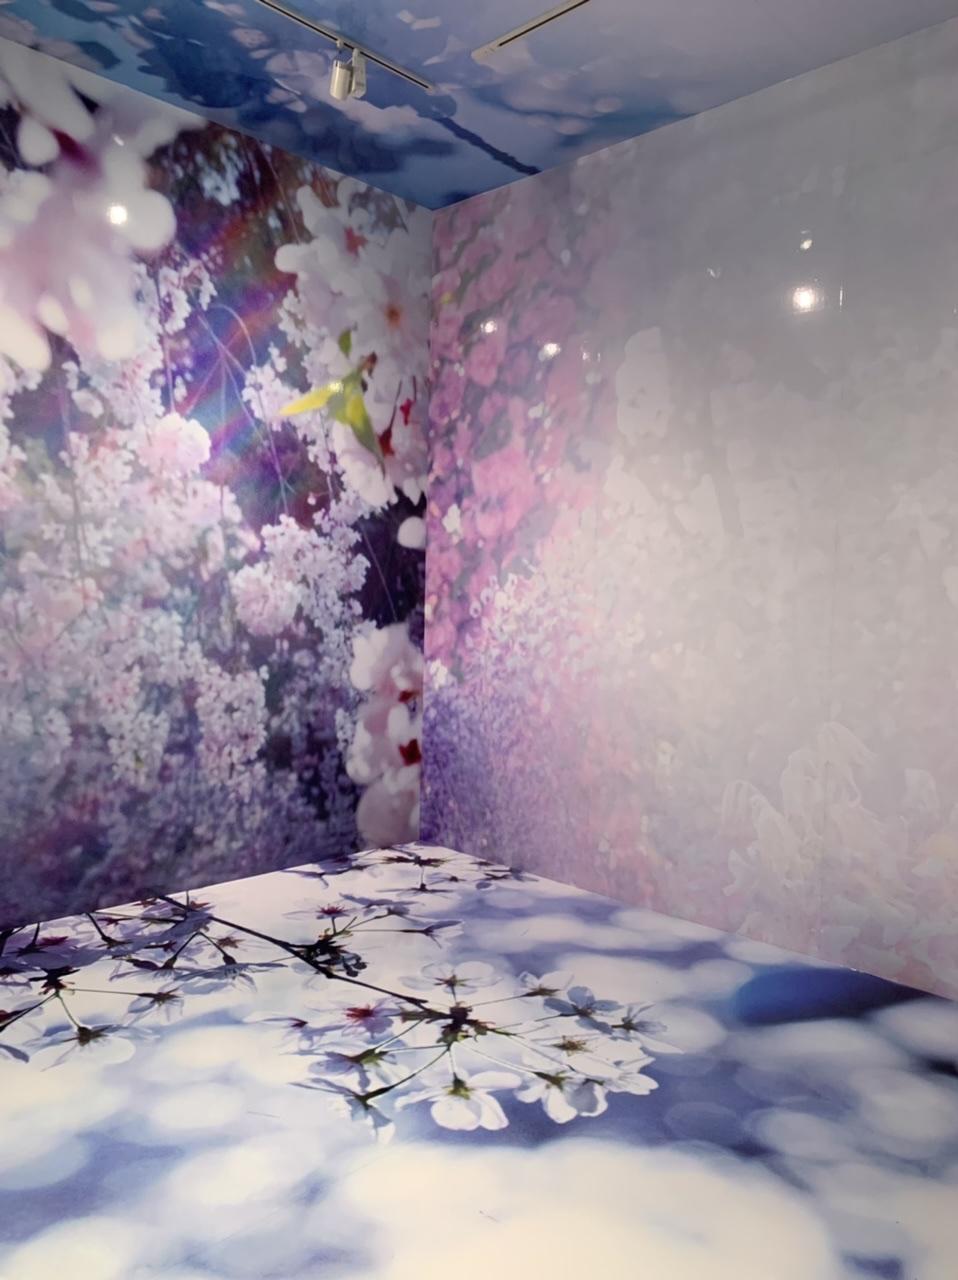 11/14(日)まで!上野の森美術館で開催中の蜷川実花展に行ってきました!_7